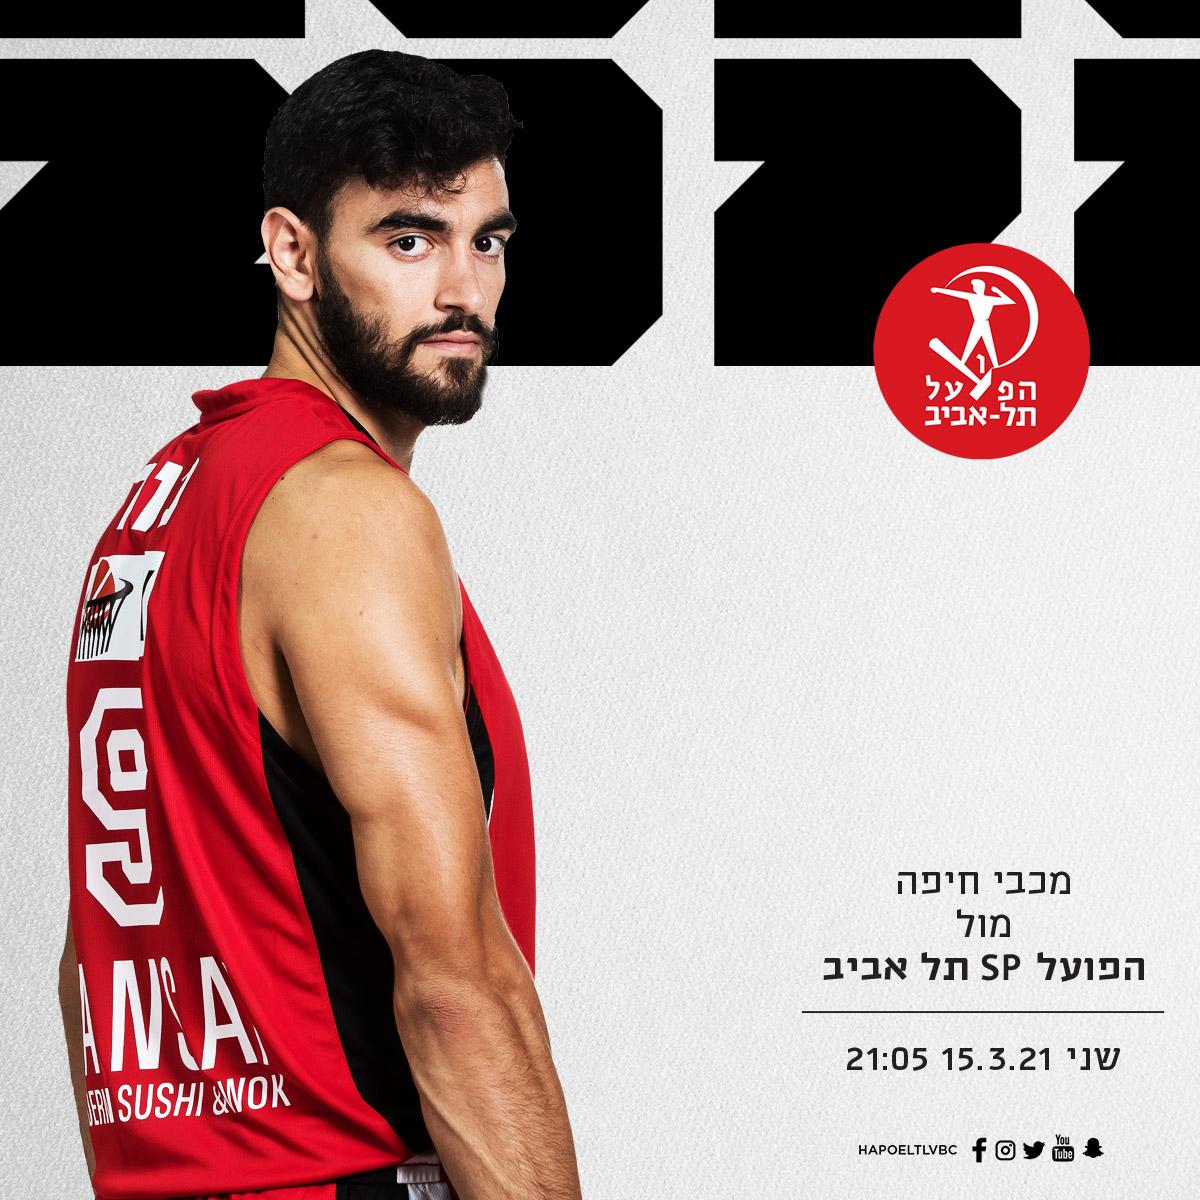 הערב: הפועל עולה לקרב בחיפה